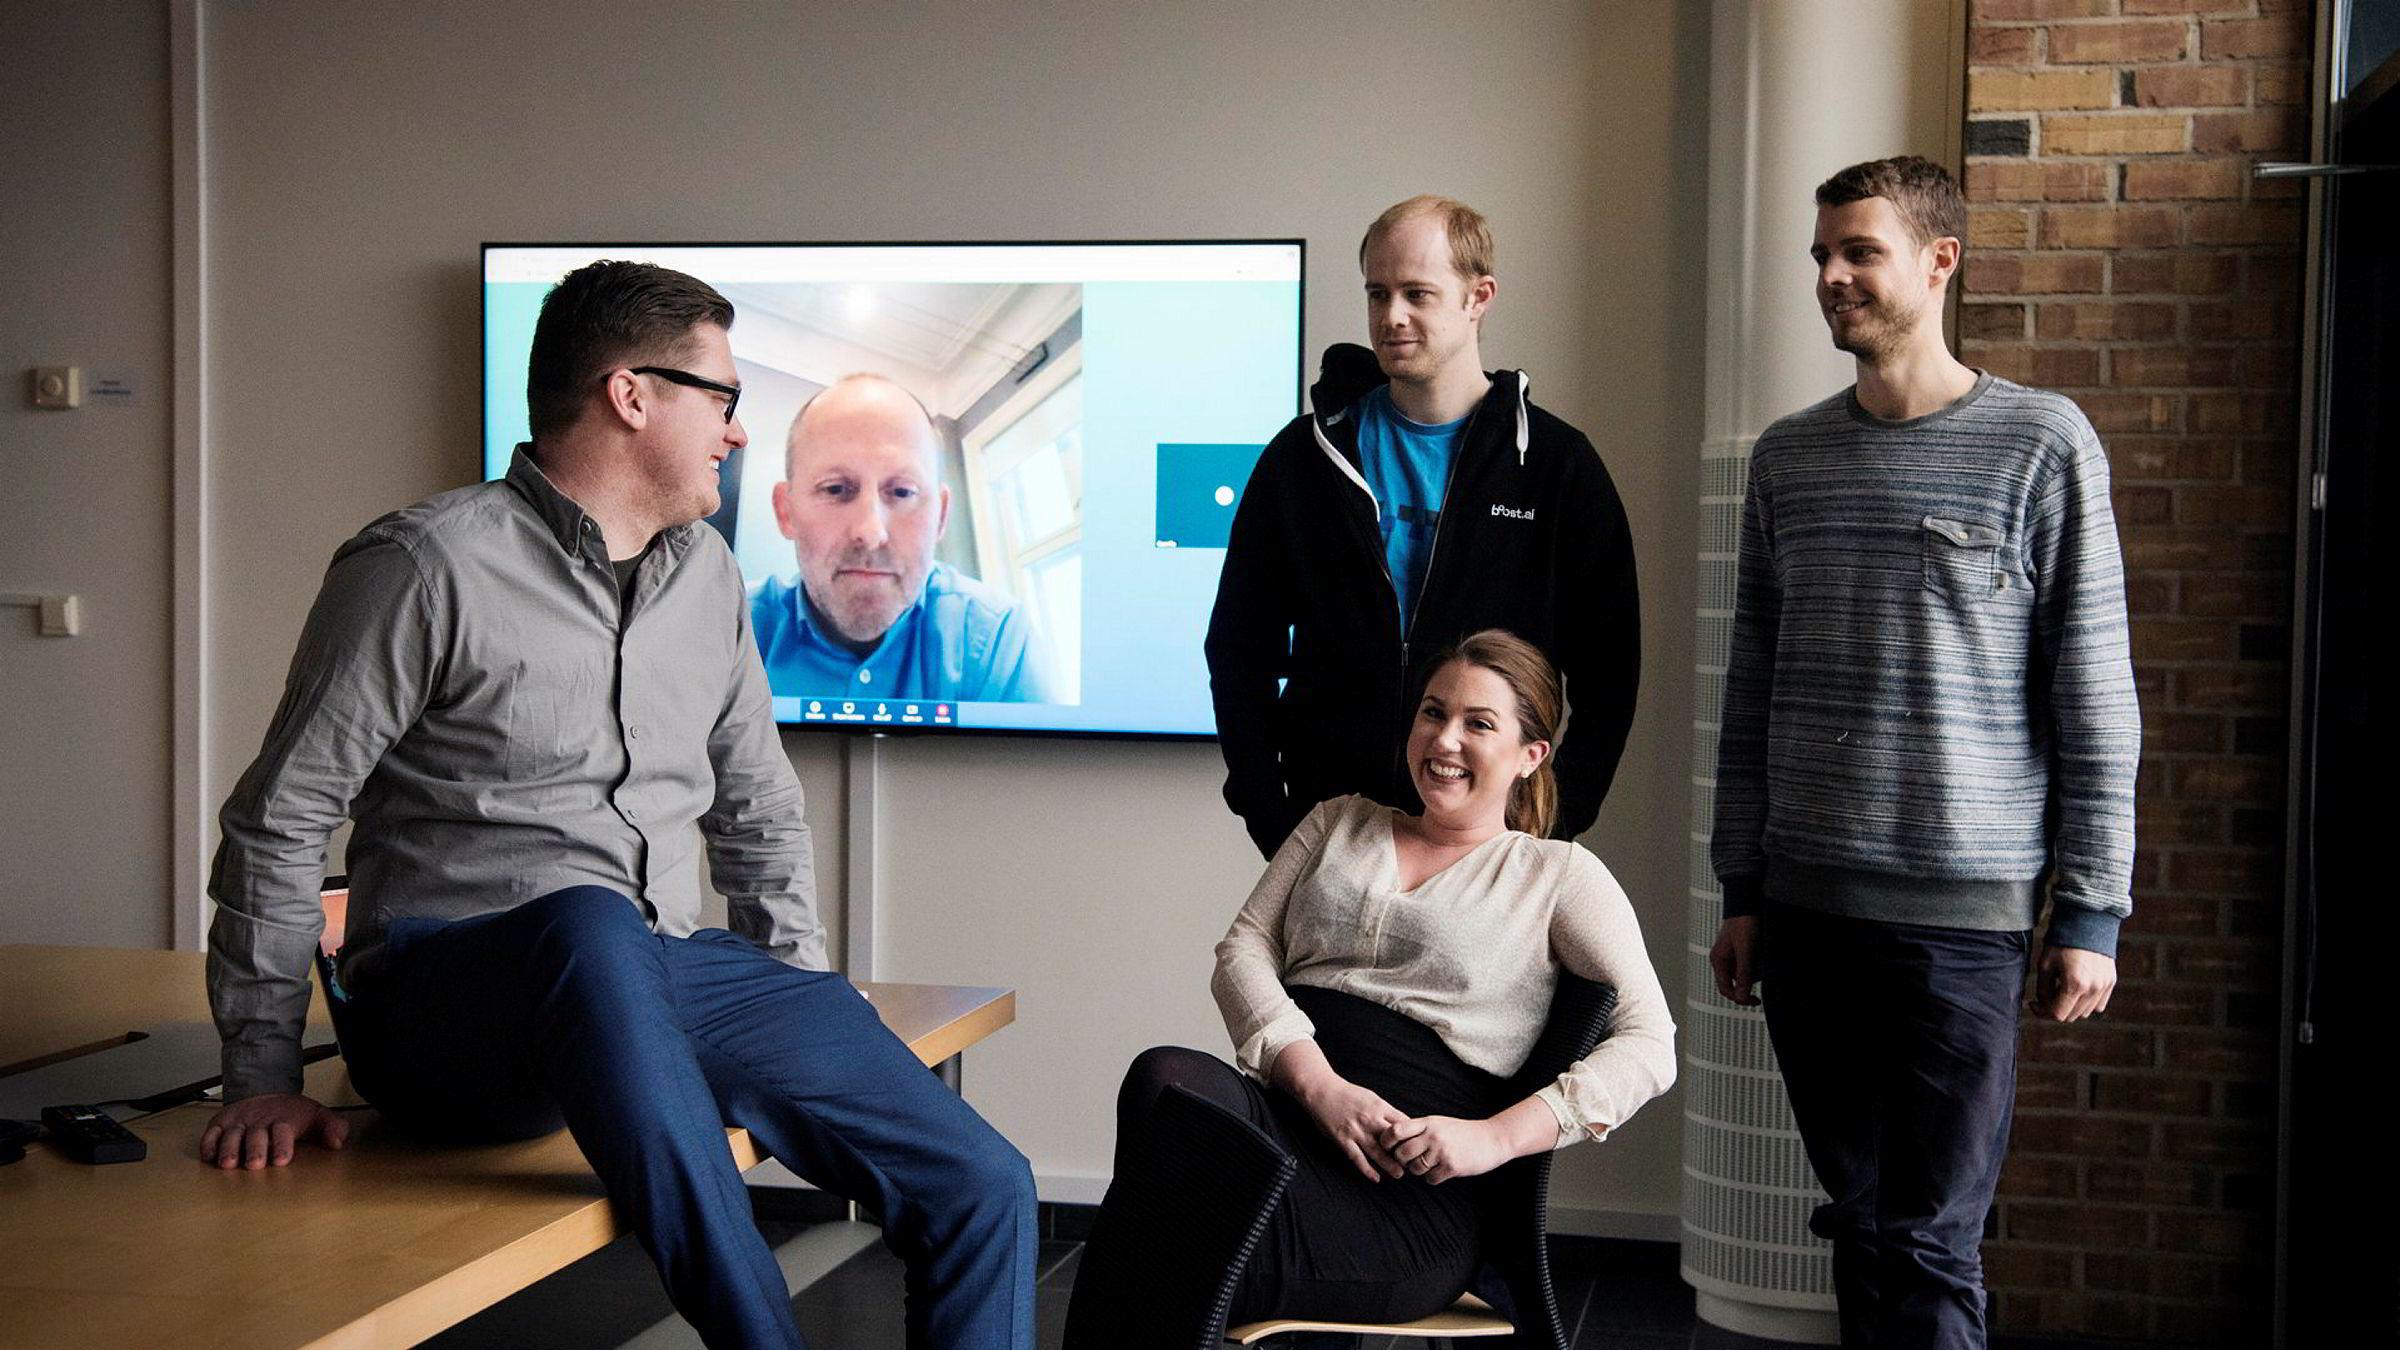 Gründerne av Boost AI henter inn investor Alliance Venture (Johan Gjesdahl på skjermen bak). Fra venstre: Gründer Henry V. Iversen, kontraktssjef Camilla Gjetvik og gründerbrødrene Lars og Hadle Selsås.